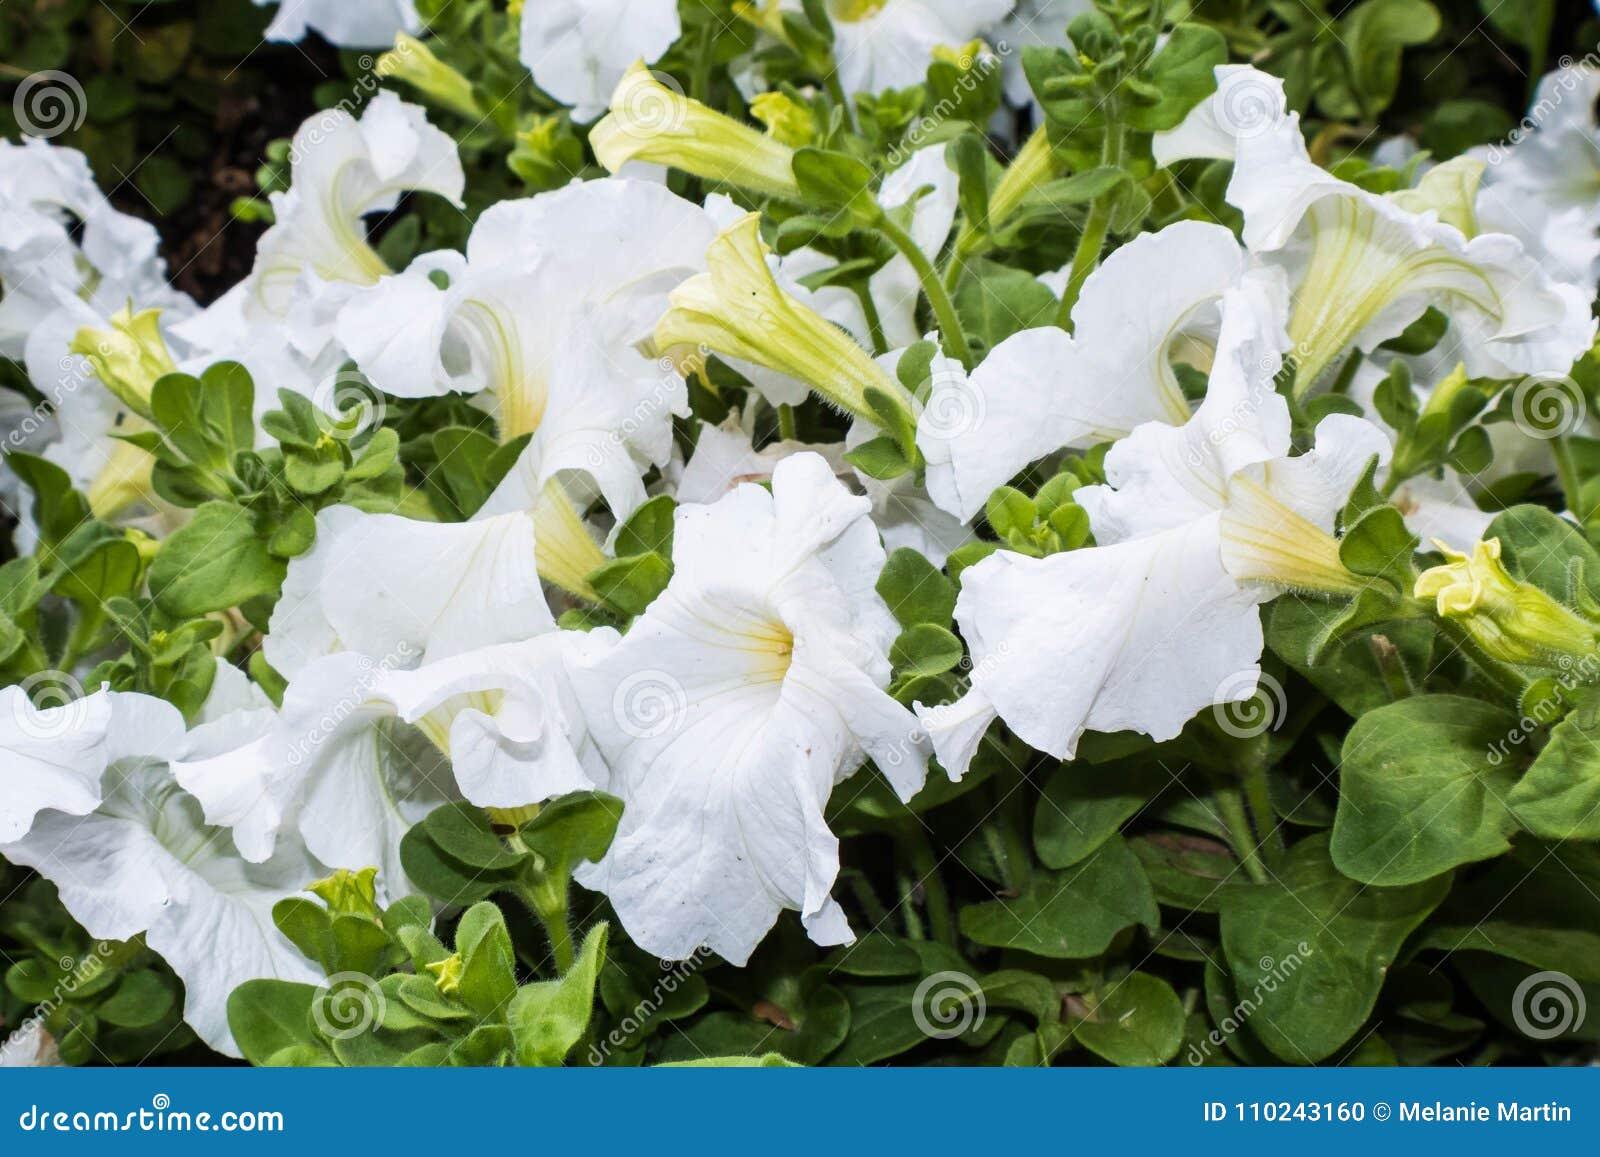 Fleurs de trompette blanches lumineuses avec les feuilles vertes